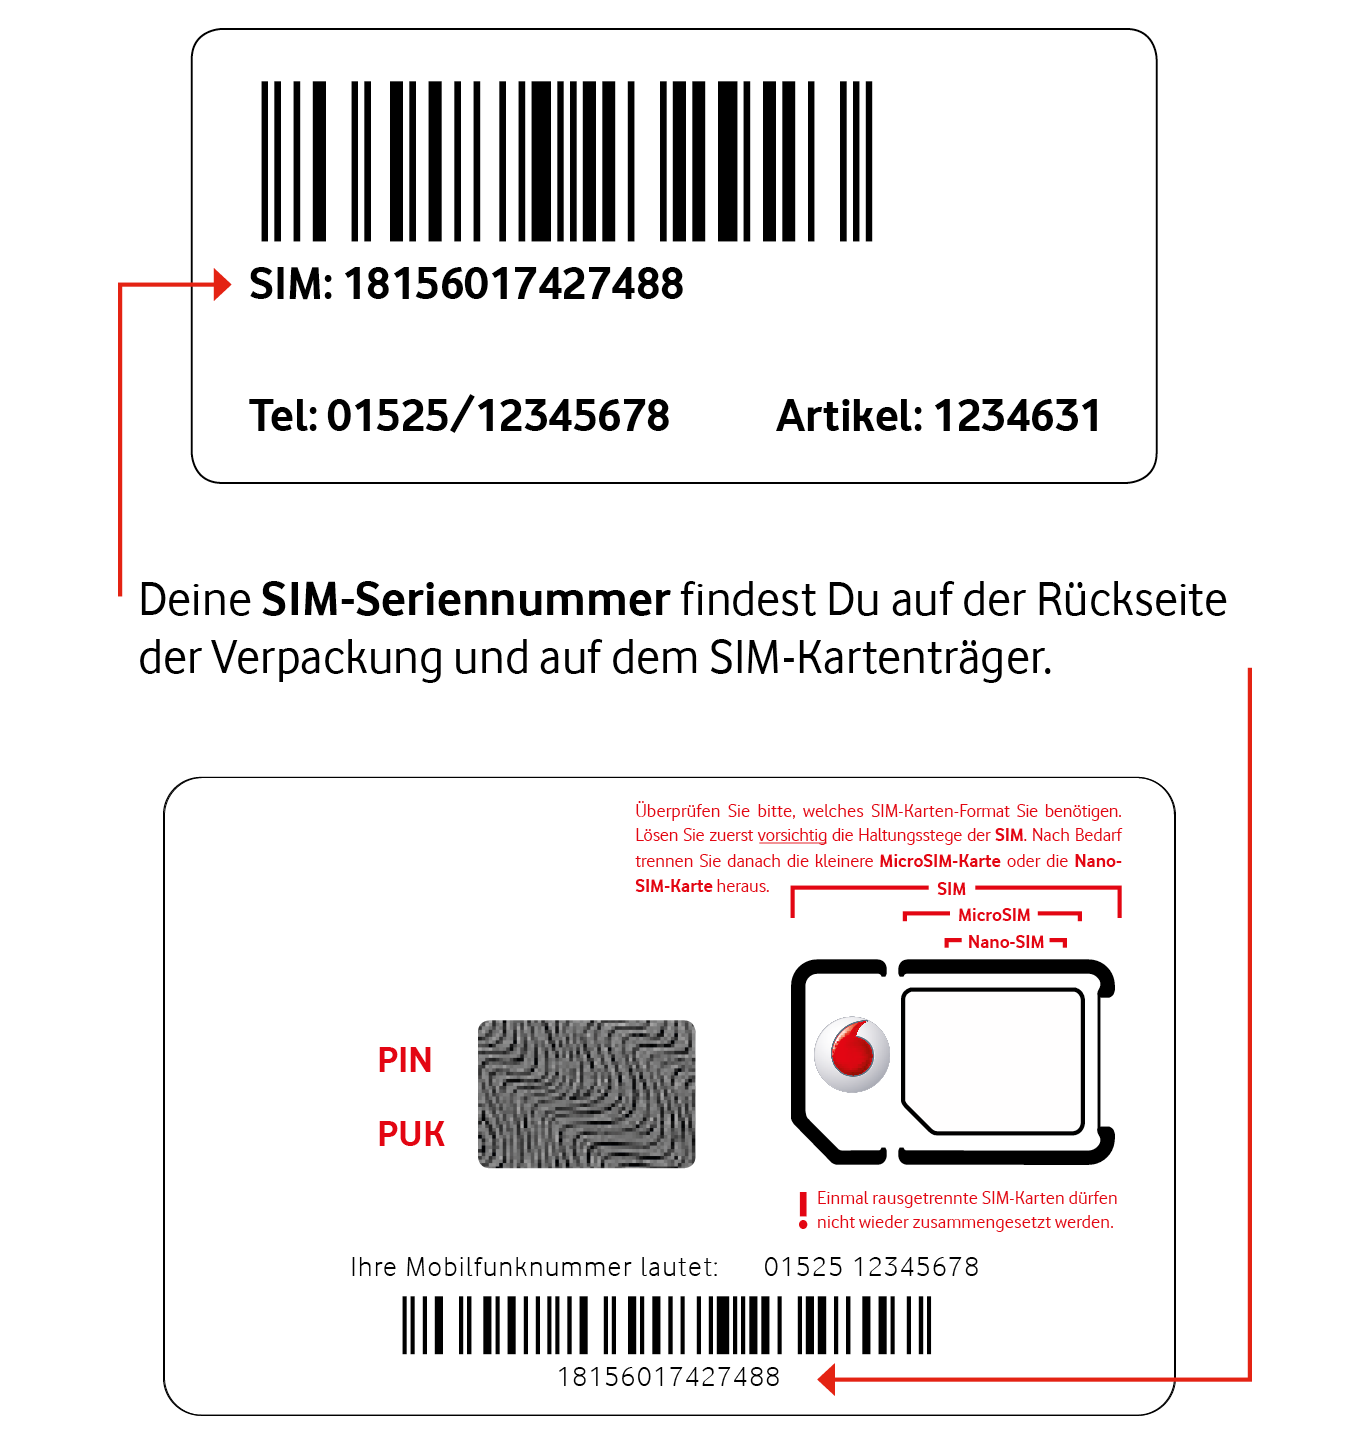 Neue Sim Karte Aktivieren.Callya Sim Karte Aktivieren Und Registrieren Vodafone